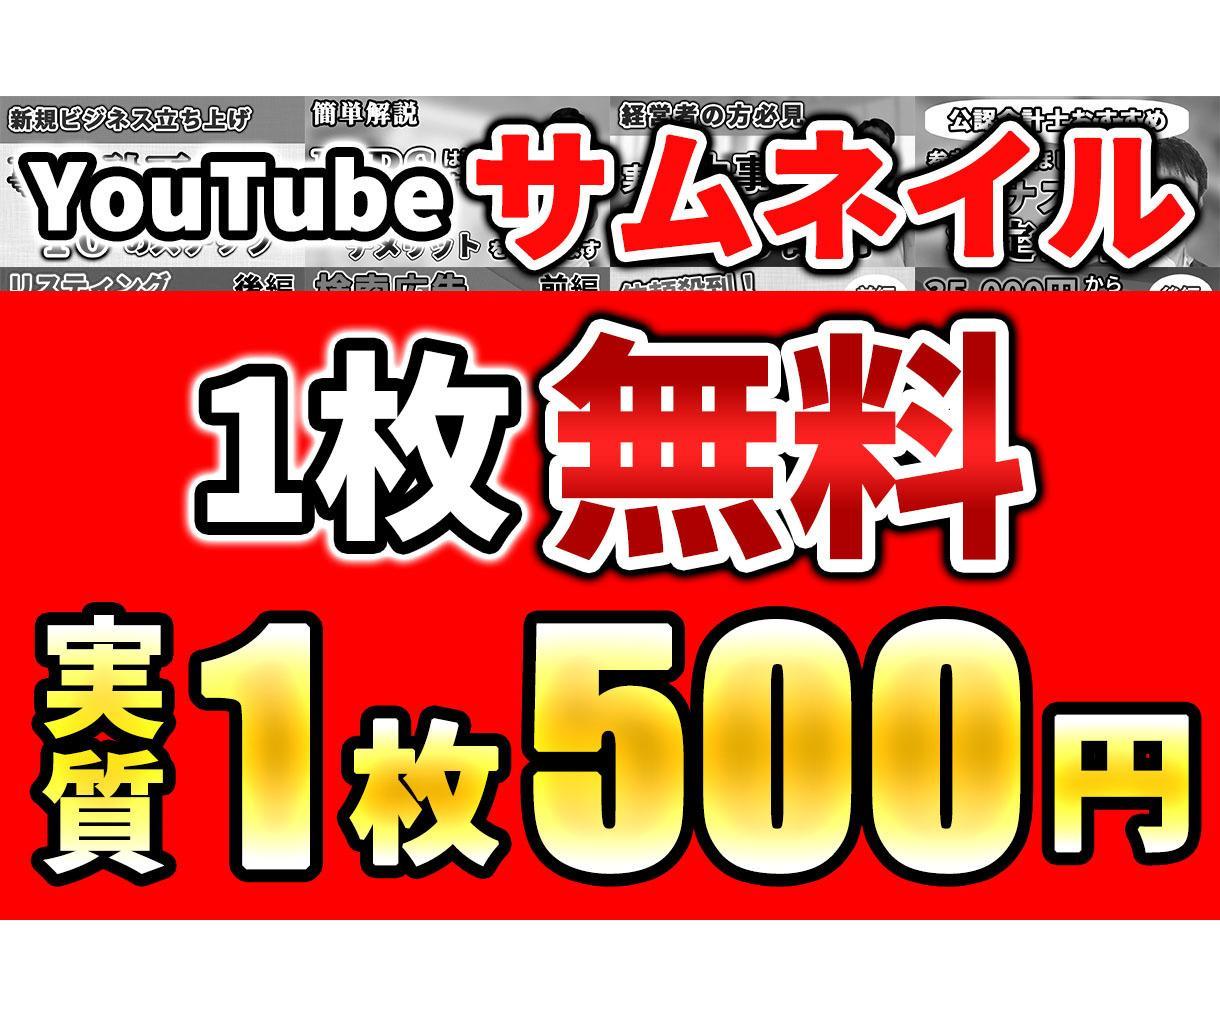 1枚500円!YouTubeのサムネイル作成します ココナラ最安値、即日納品、高品質のサムネイル作成 イメージ1